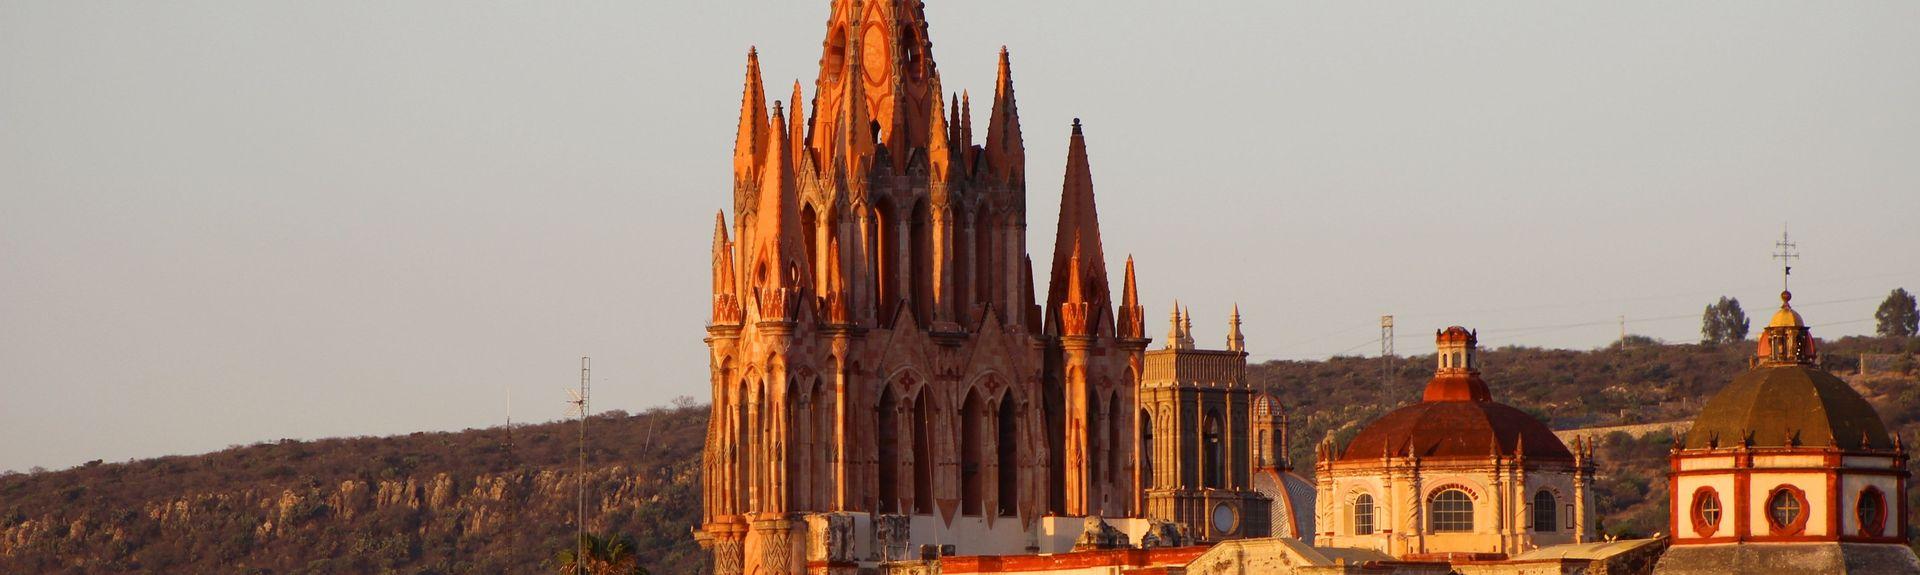 Colonia San Raphael, San Miguel de Allende, Gto., Mexico